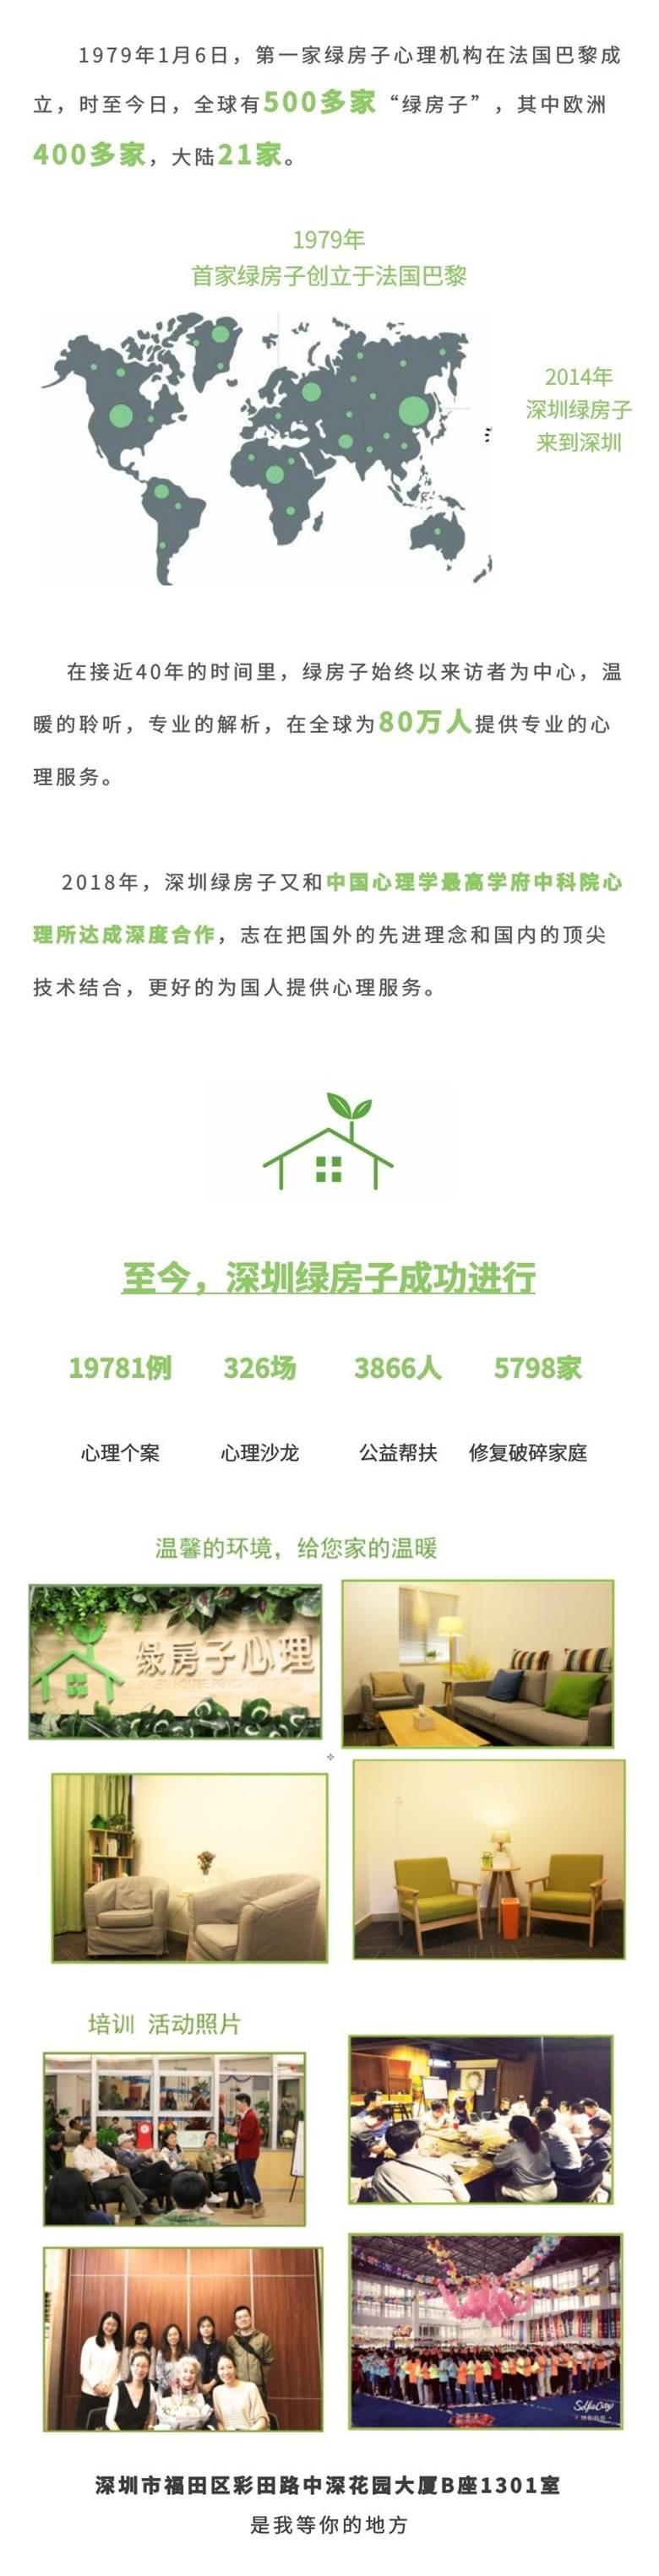 绿房子介绍—海报.jpg